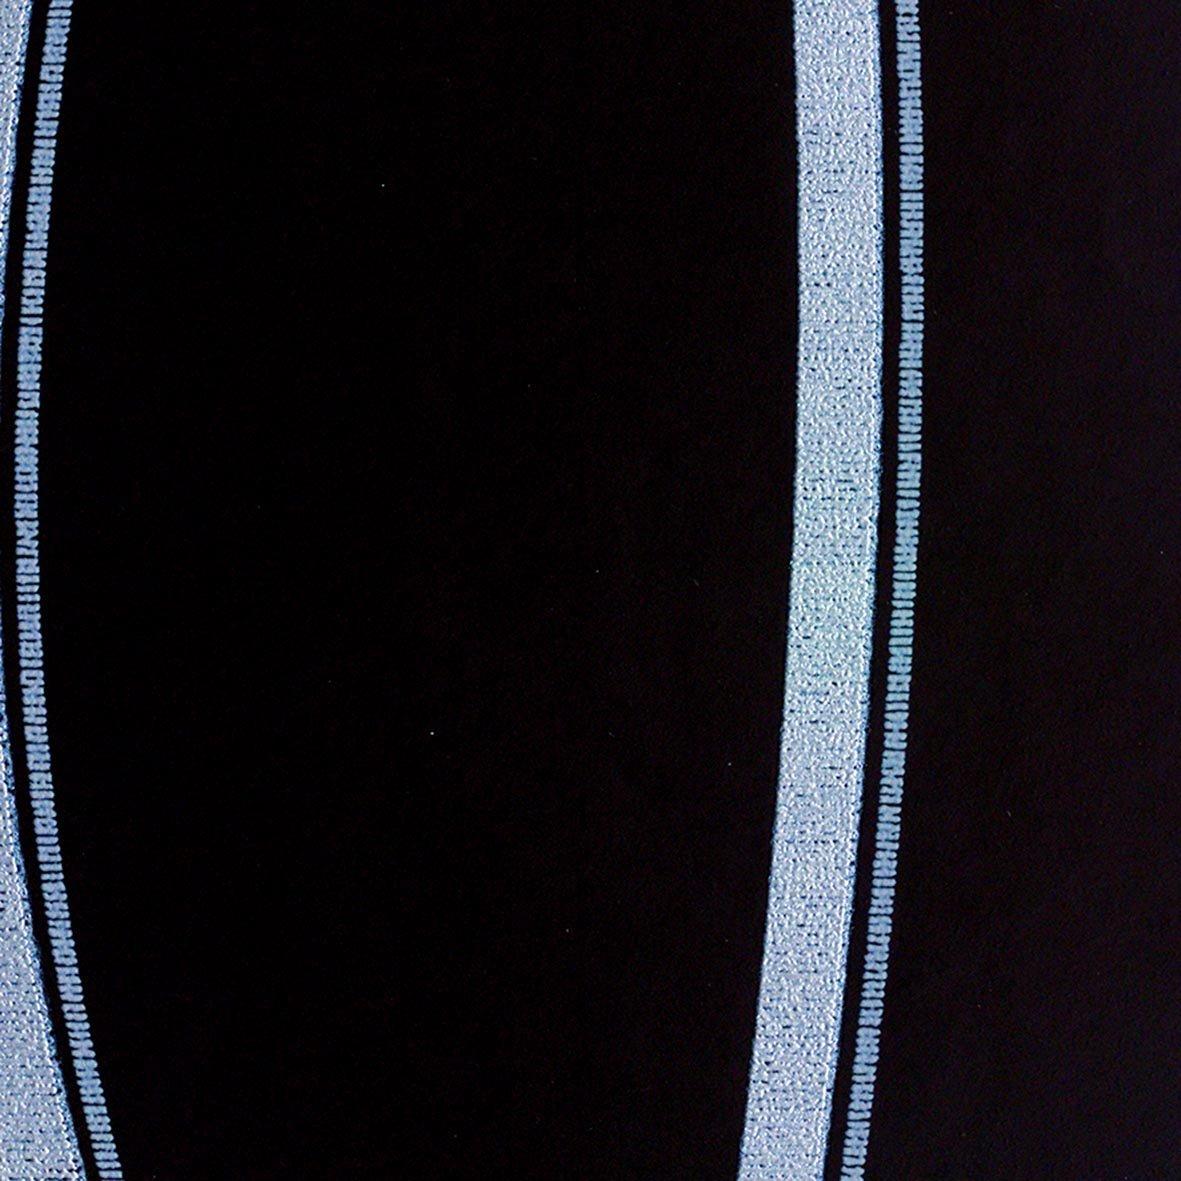 リリカラ 壁紙25m 和 和文様 ブラック kioi LW-2500 B076141VWZ 25m|ブラック